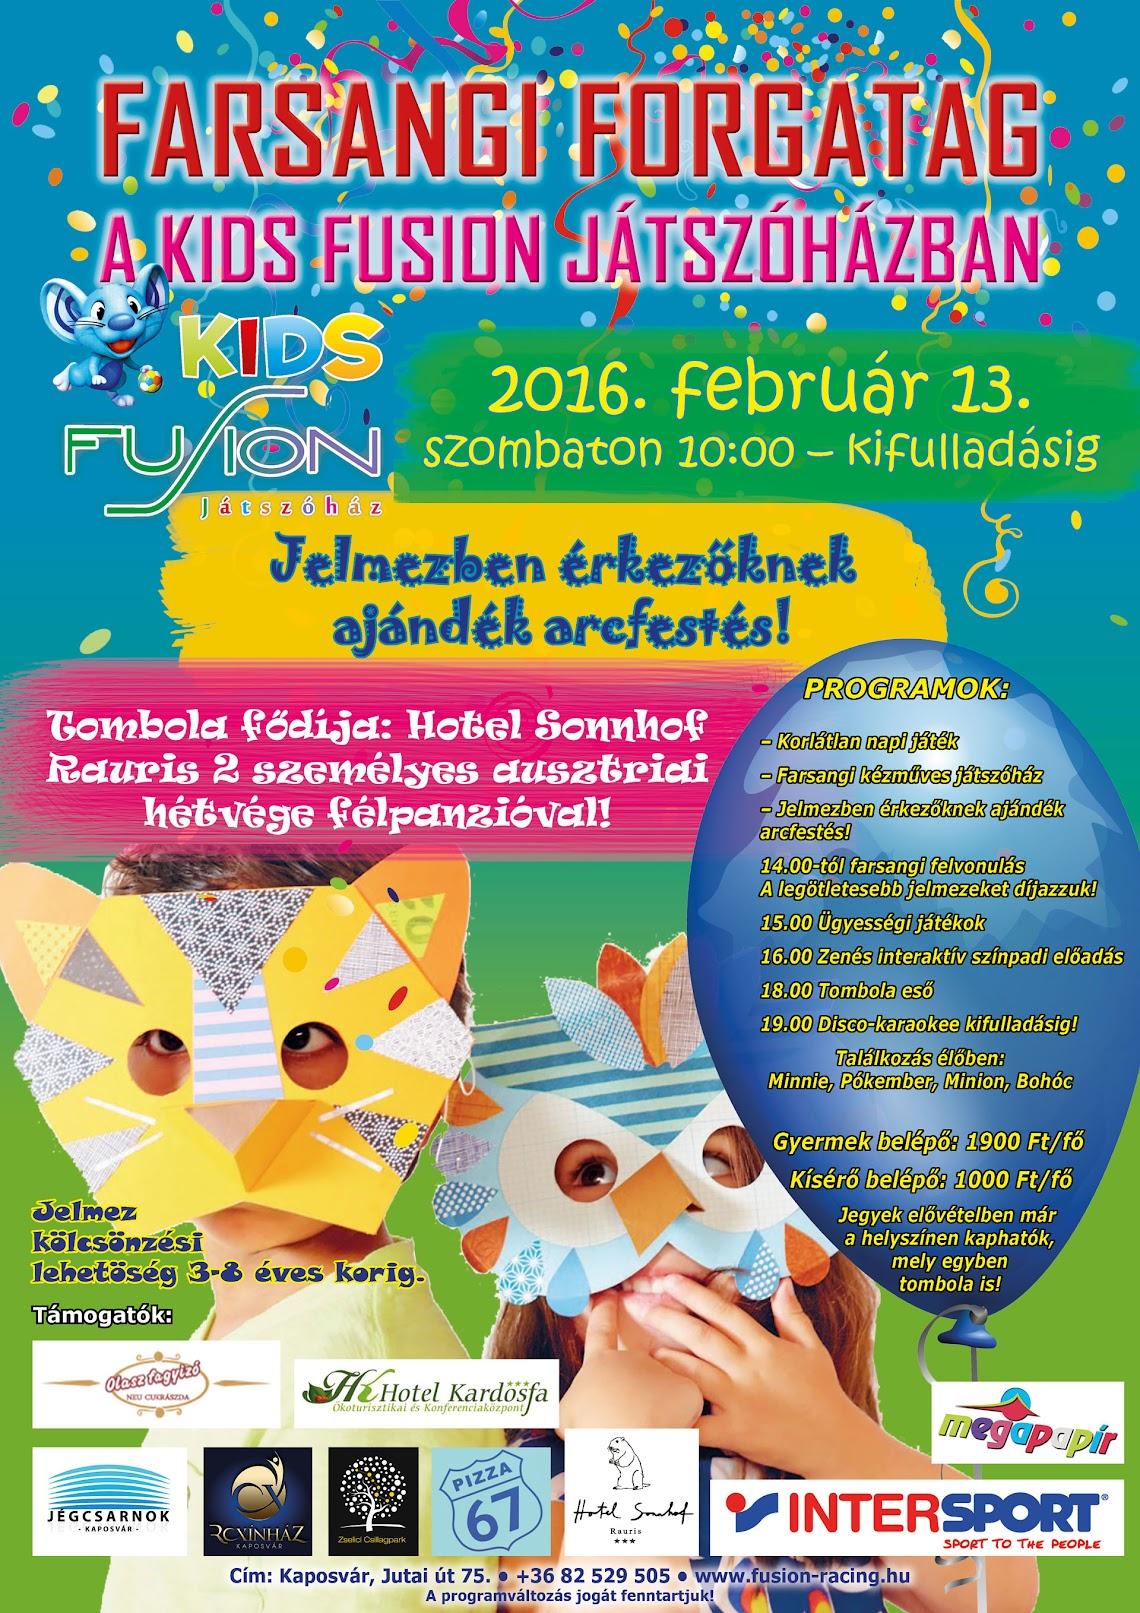 Gyermekfarsang farsangi forgatag Kaposvár 2016